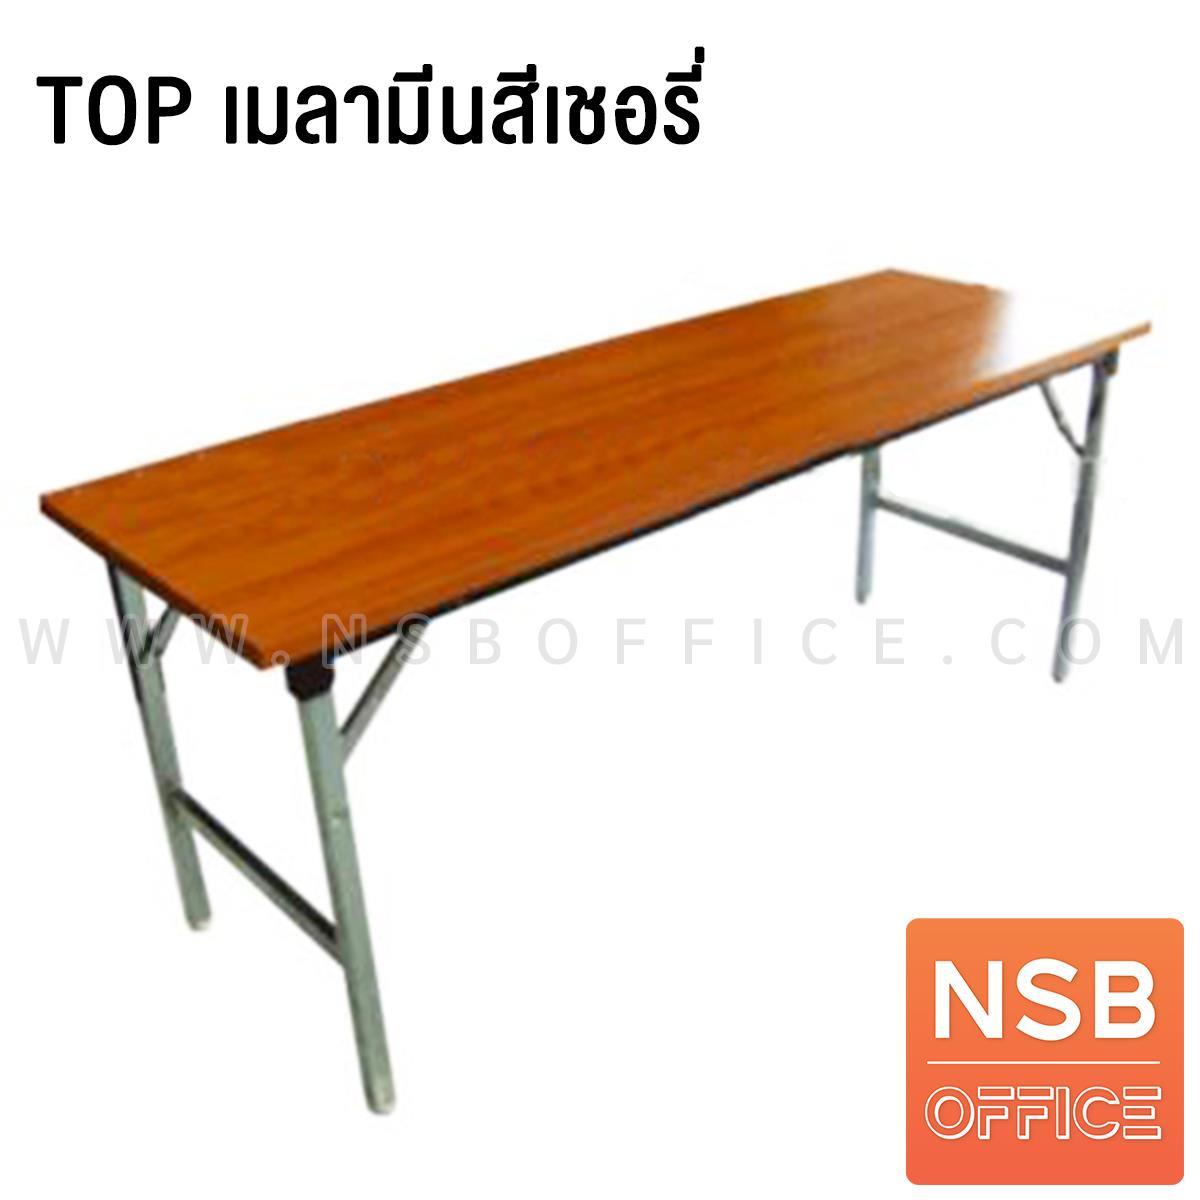 A07A076:โต๊ะพับหน้าเมลามีนลายไม้ รุ่น Alberta (แอลเบอร์ตา)  ขาชุบโครเมี่ยม